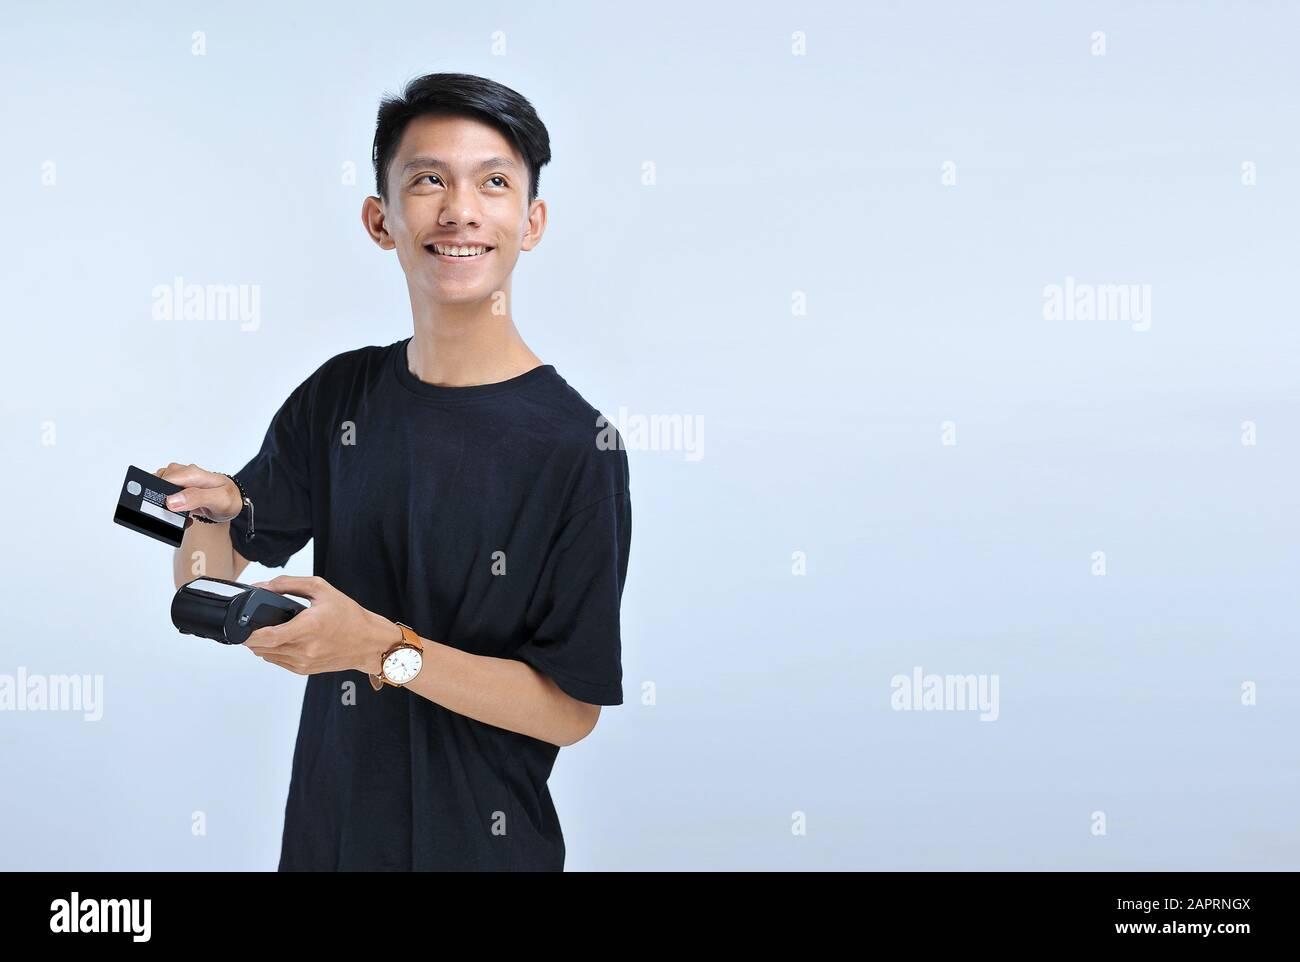 Jeune homme asiatique balayez une carte de crédit / une carte de débit et en regardant l'espace de copie isolé sur le fond gris Banque D'Images